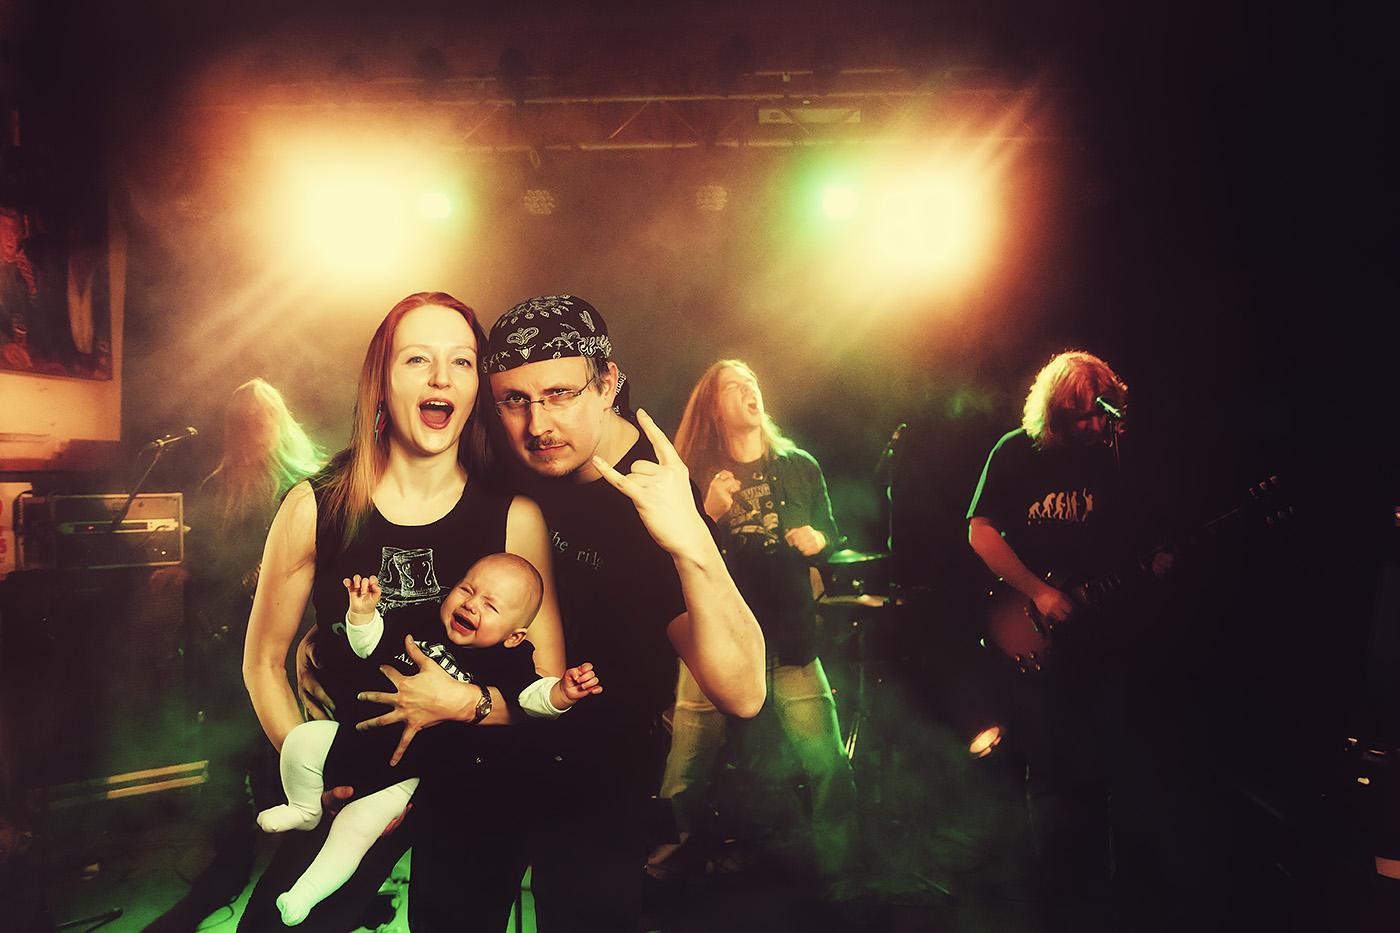 Eine junge Familie ist mit ihrem Saeugling auf einem Rock-Konzert.